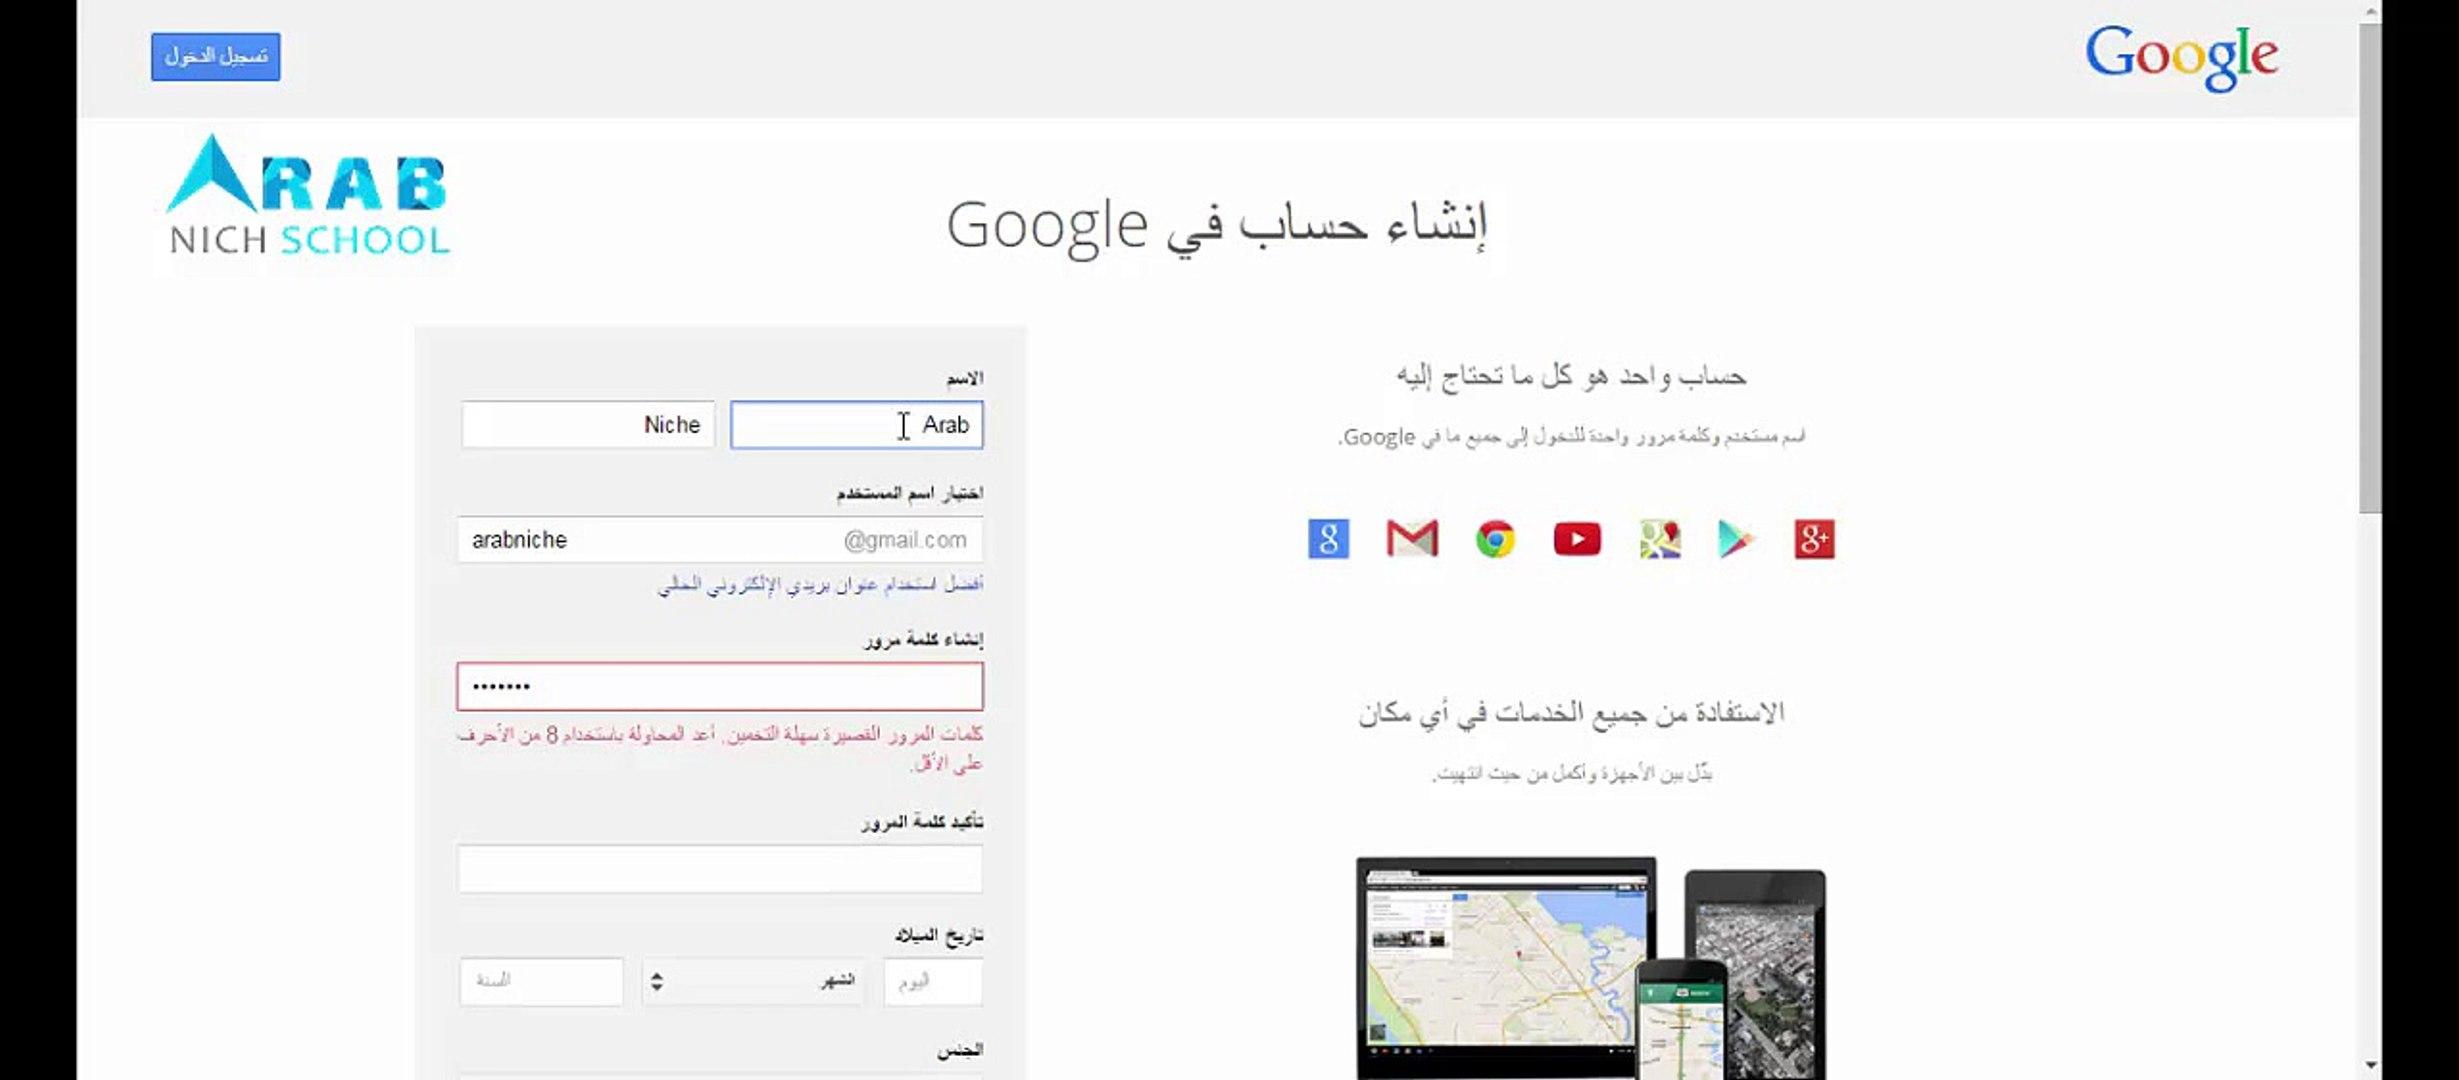 طريقة عمل حساب Gmail جديد الخاص بخدمات جوجل